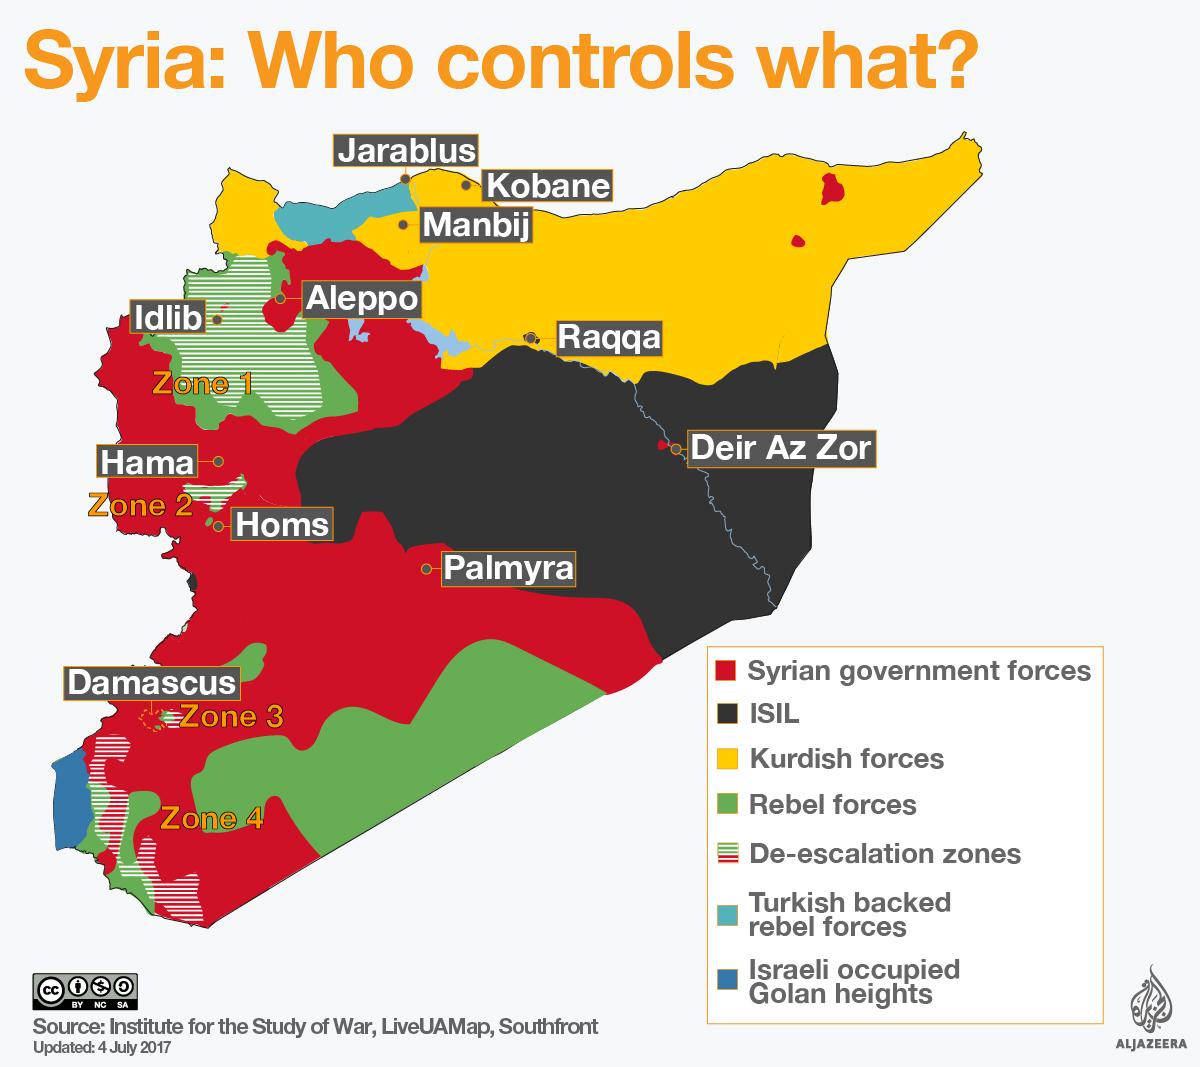 Амр Элдиб: США, Великобритания, Франция, Турция и Саудовская Аравия использовали все свои возможности, чтобы сместить Асада и навредить России